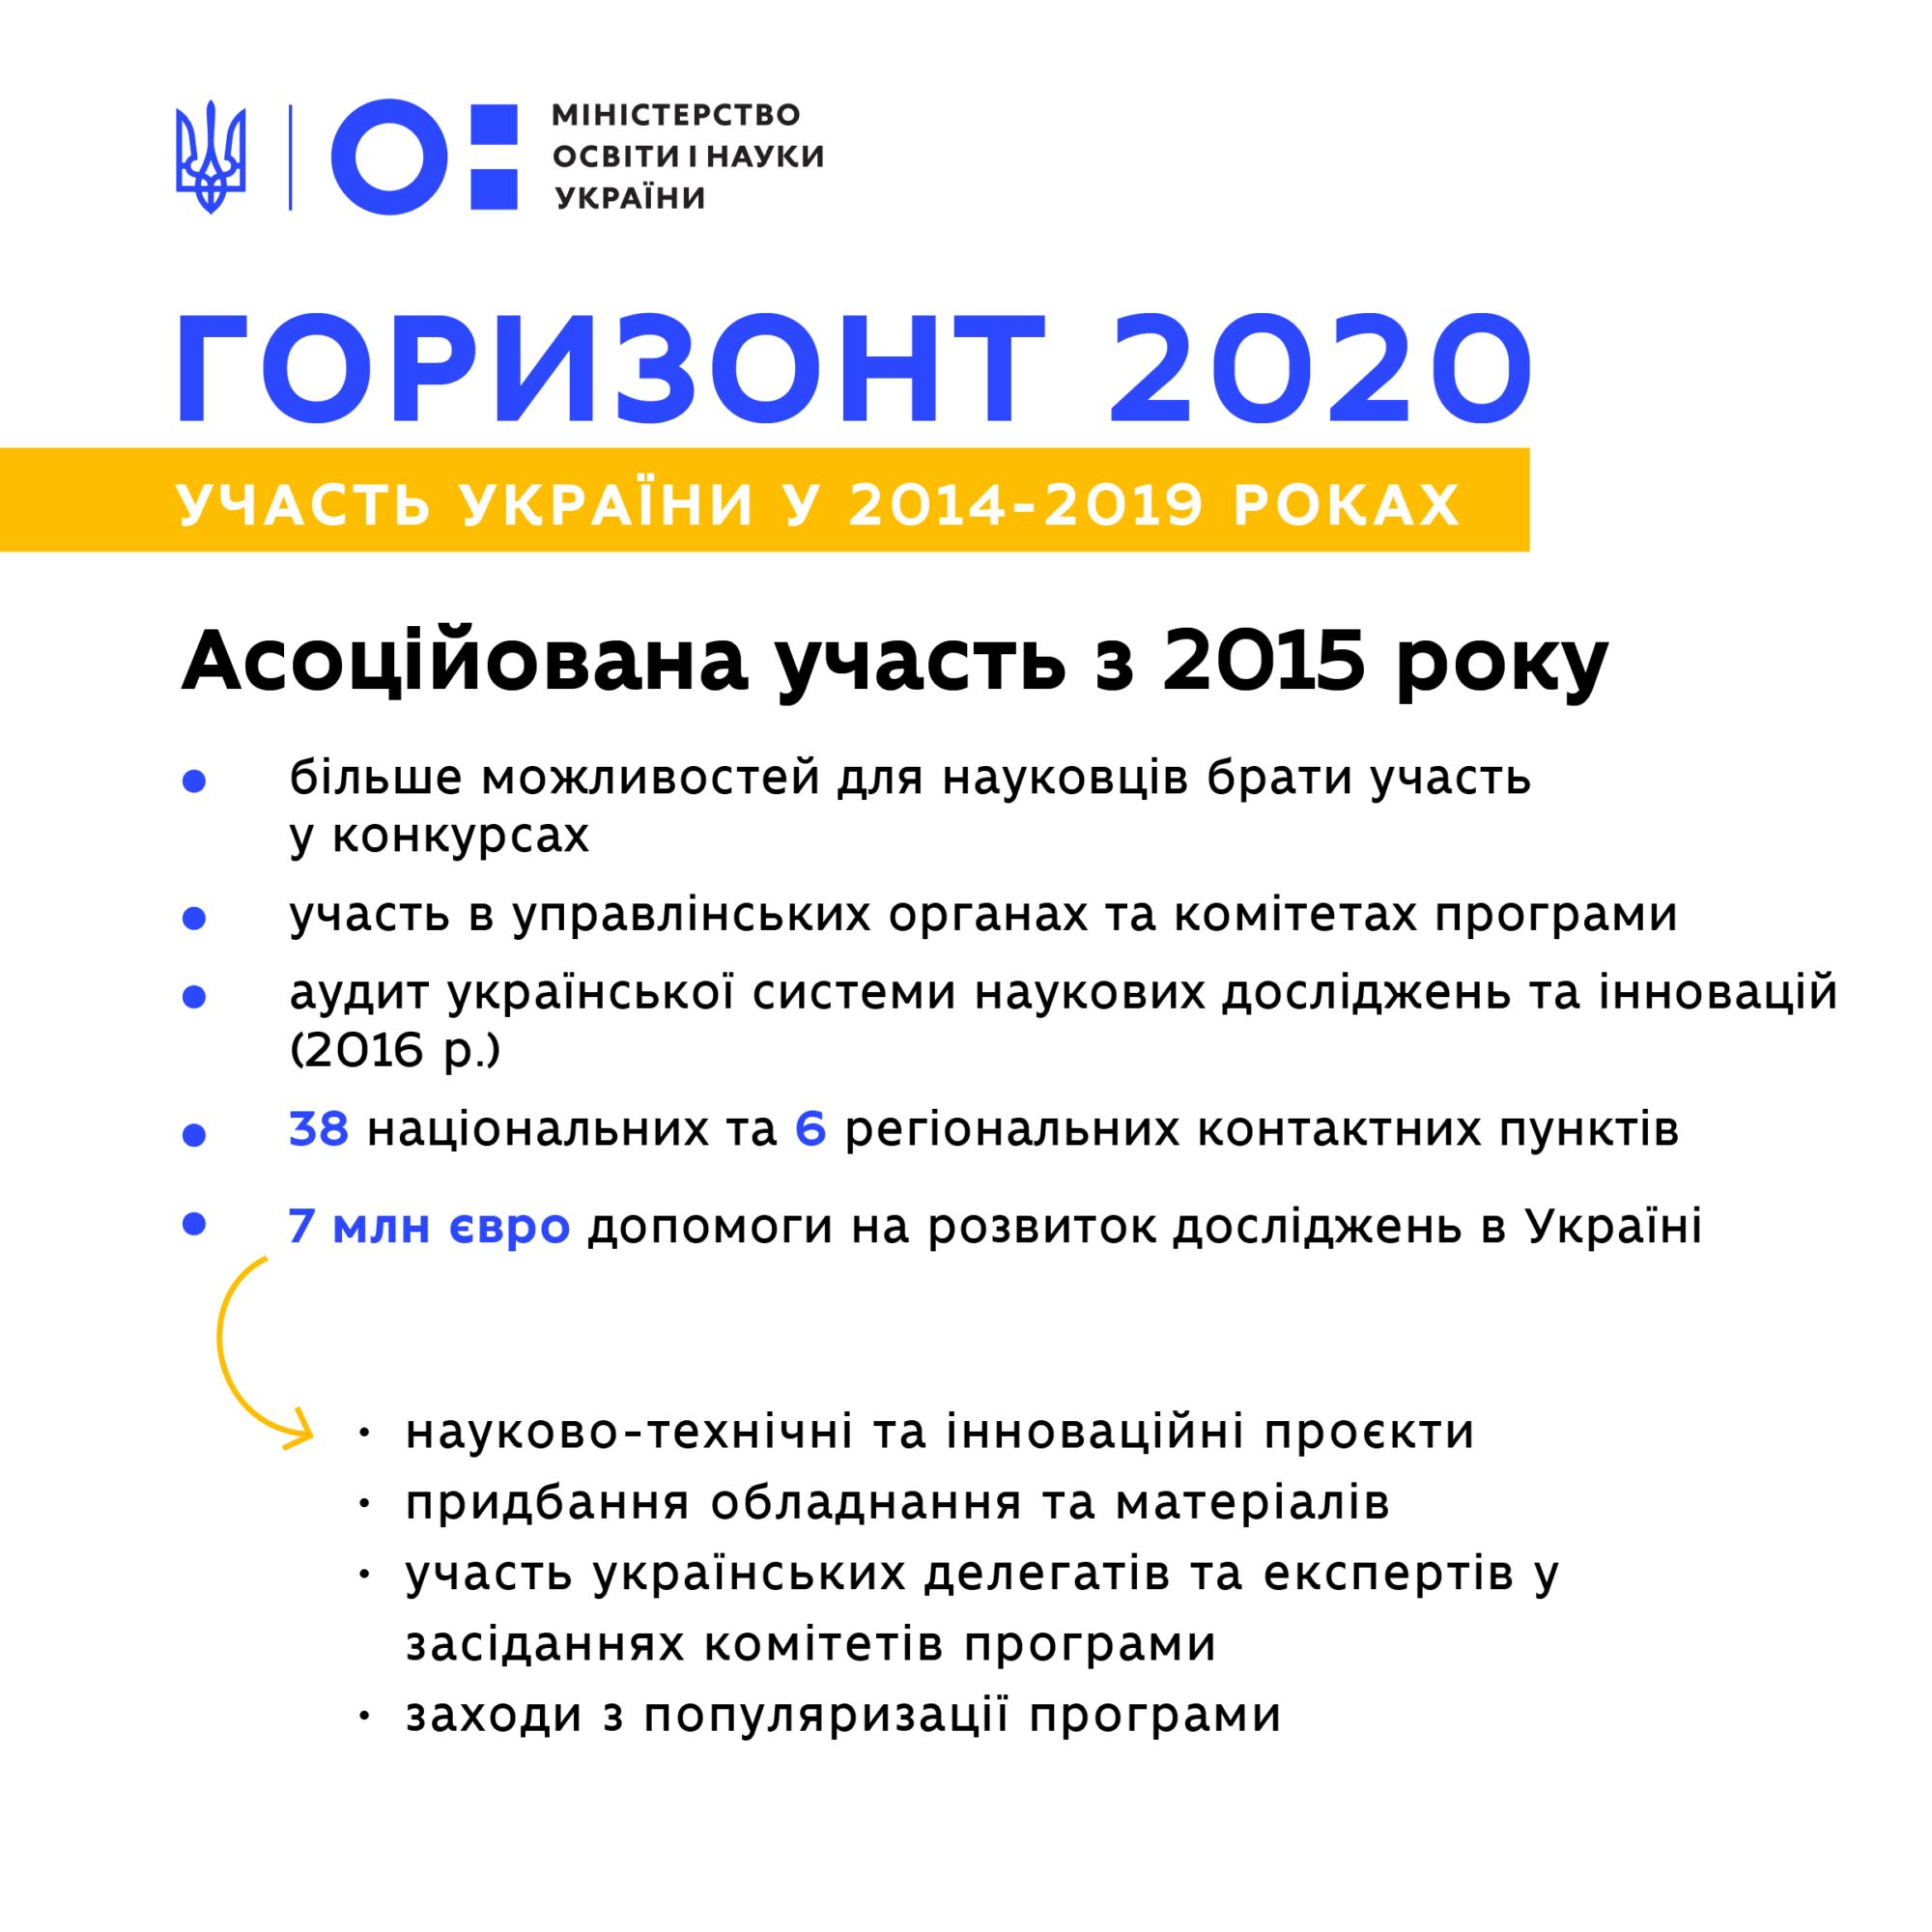 «Горизонт 2020»: додатковий канал фінансування розробок українських науковців - уряд, Україна, Проєкт, Новосад, МОН - 1126 MON Goryzont 1 2000x2000